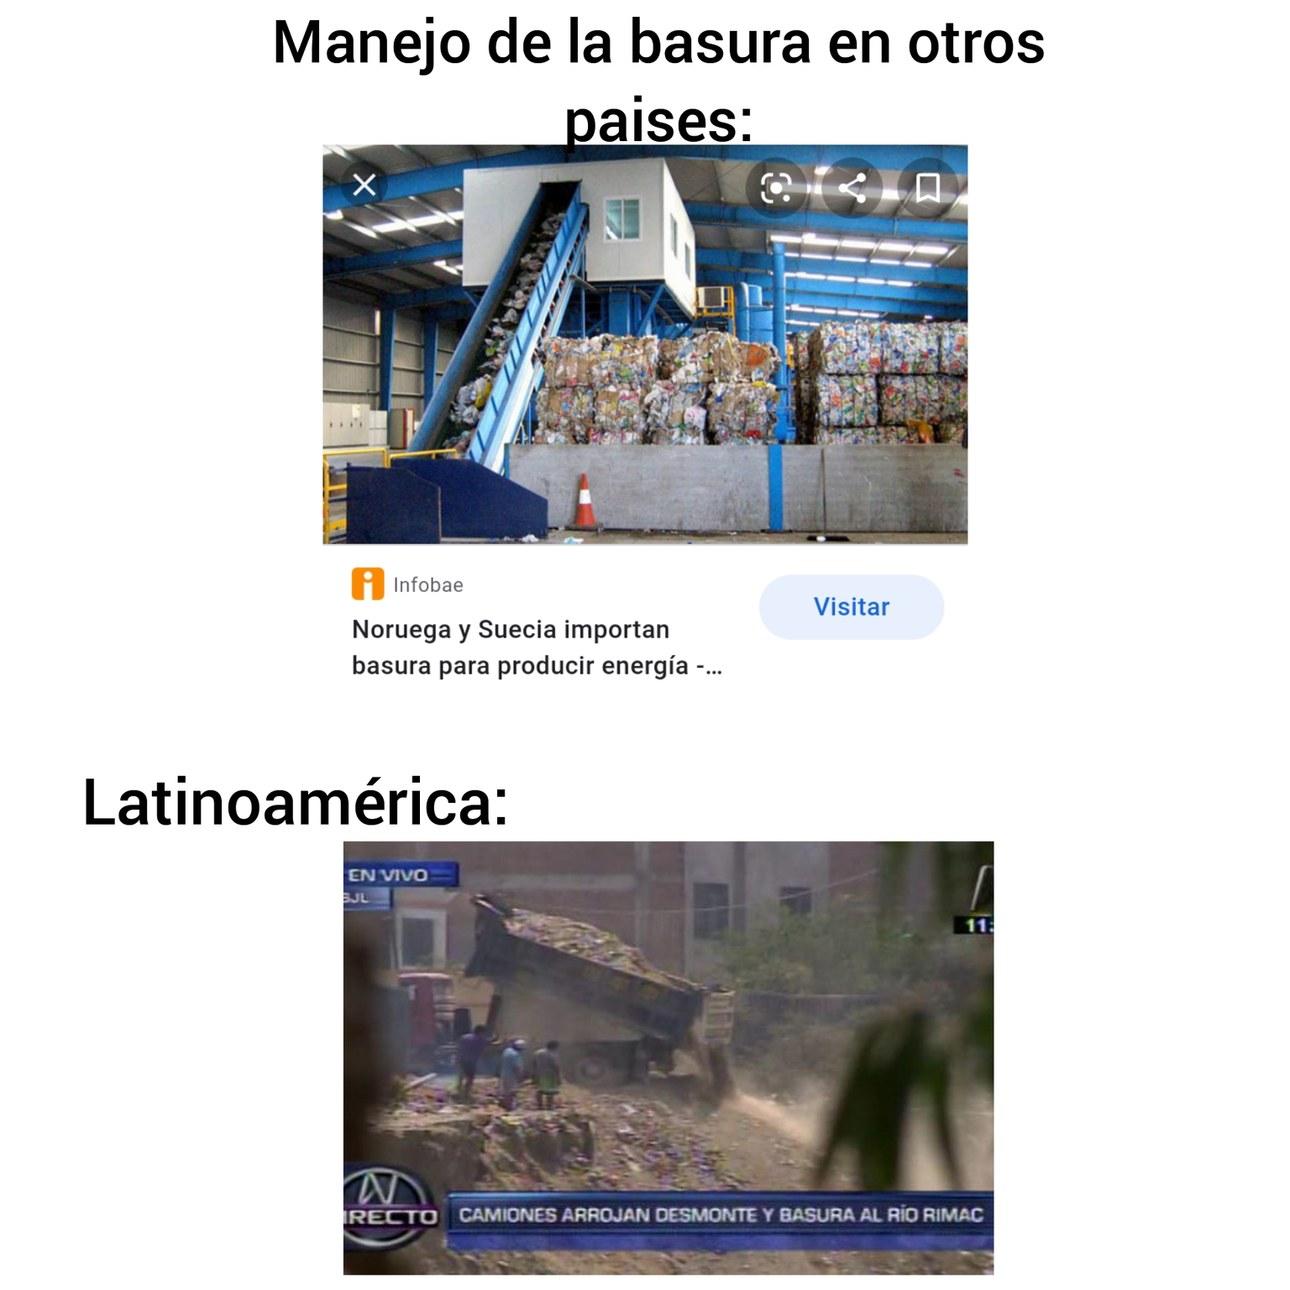 Por eso toda Latinoamérica es del primer mundo - meme